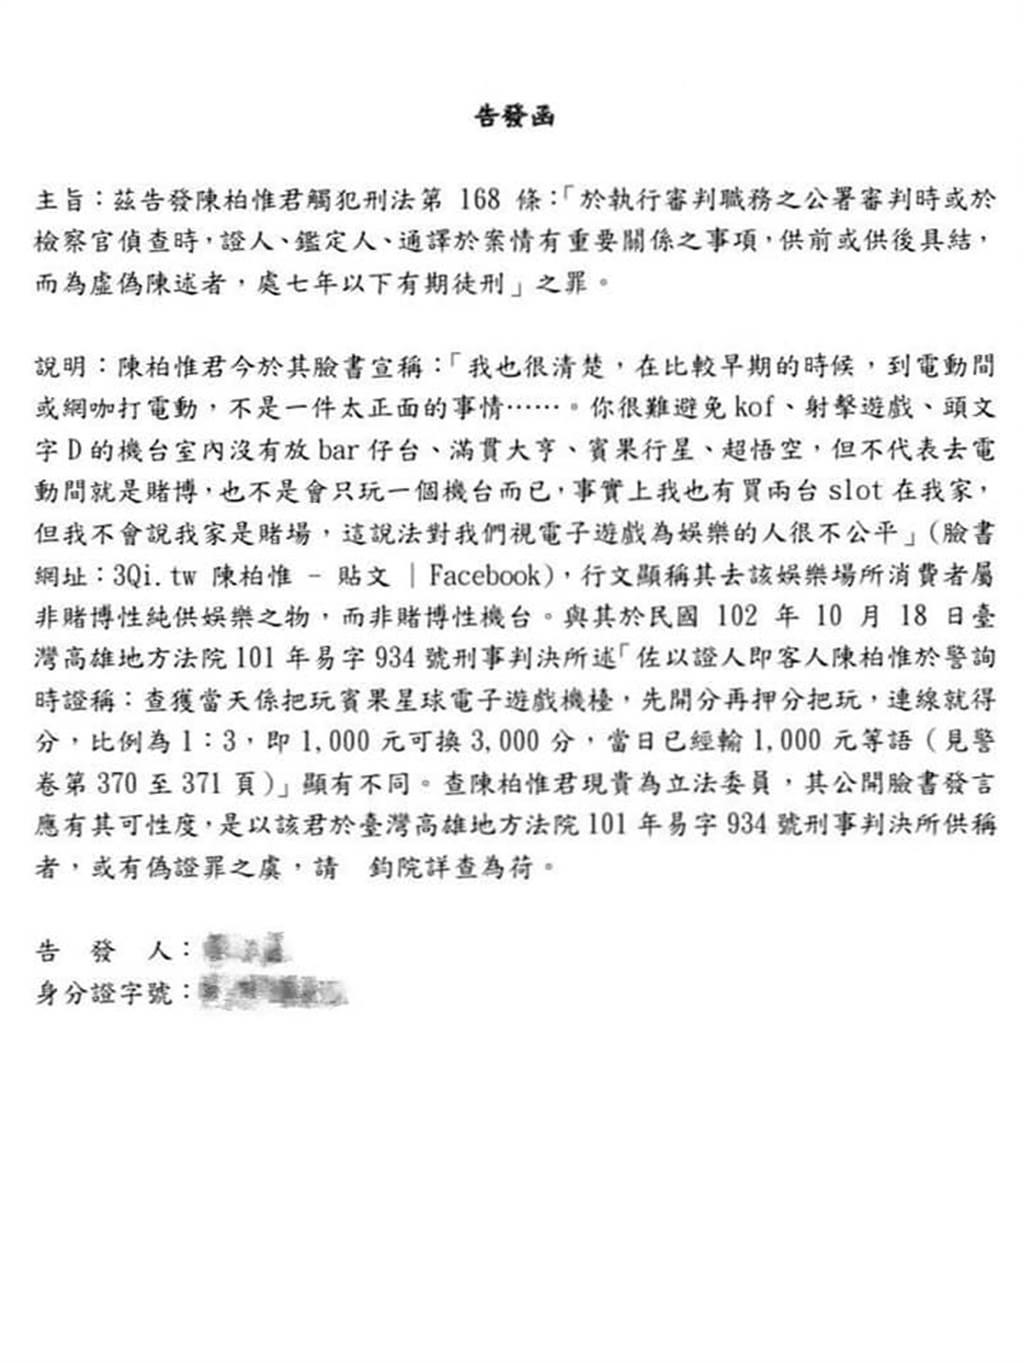 「宅神」朱學恒友人向台北地檢署告發基進黨立委陳柏惟。(圖/取自臉書「朱學恒的阿宅萬事通事務所」)